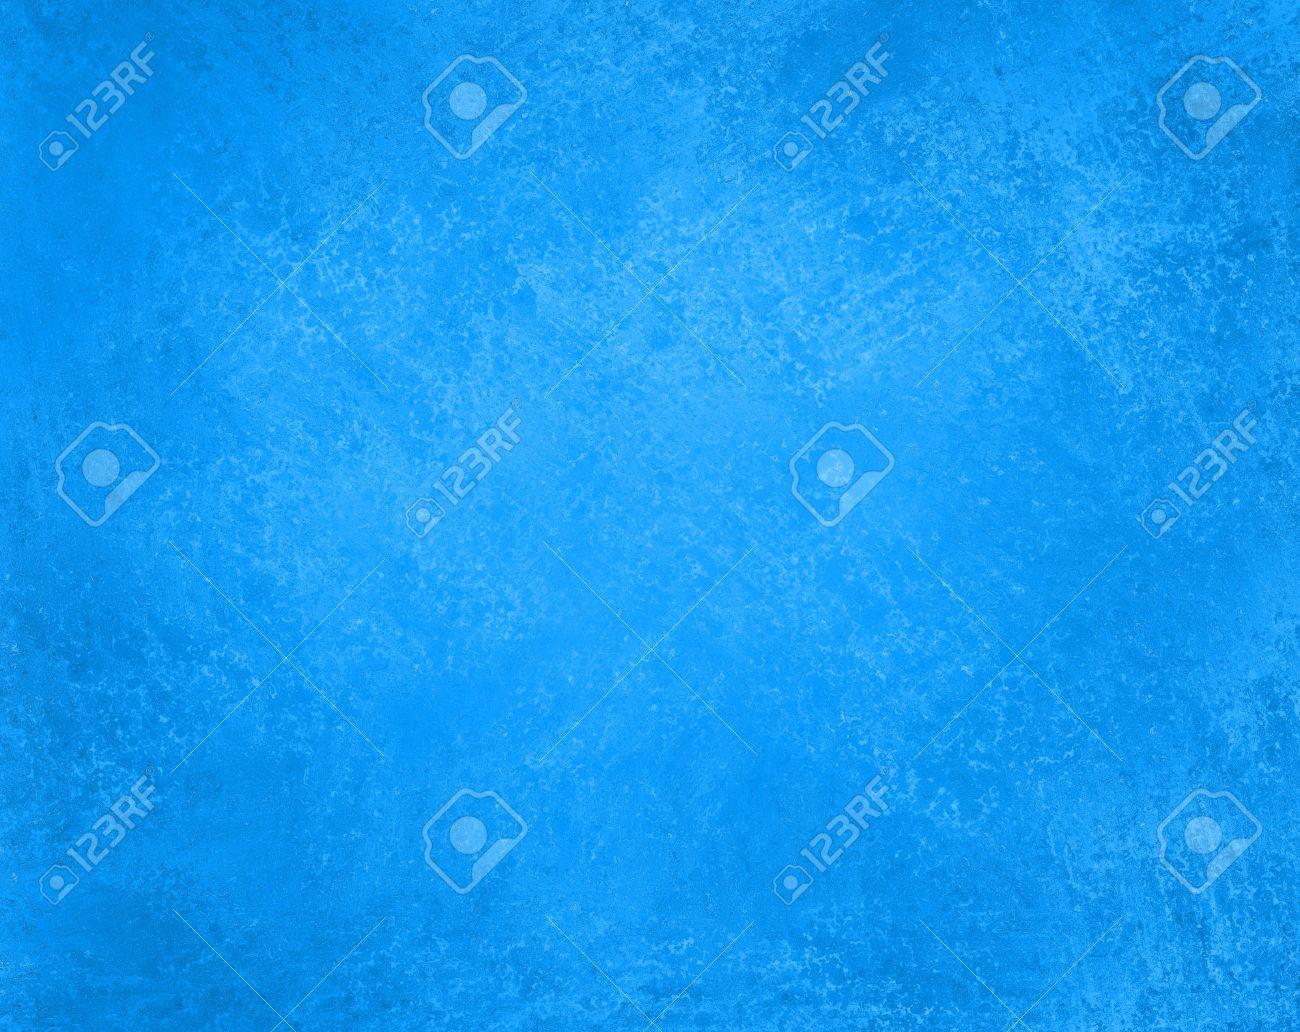 Couleur Avec Bleu Ciel abstrait bleu ciel couleur de fond avec texture éponge vintage fond de  grunge, affligé peinture graisseux rude sur le mur, blanc produit bleu